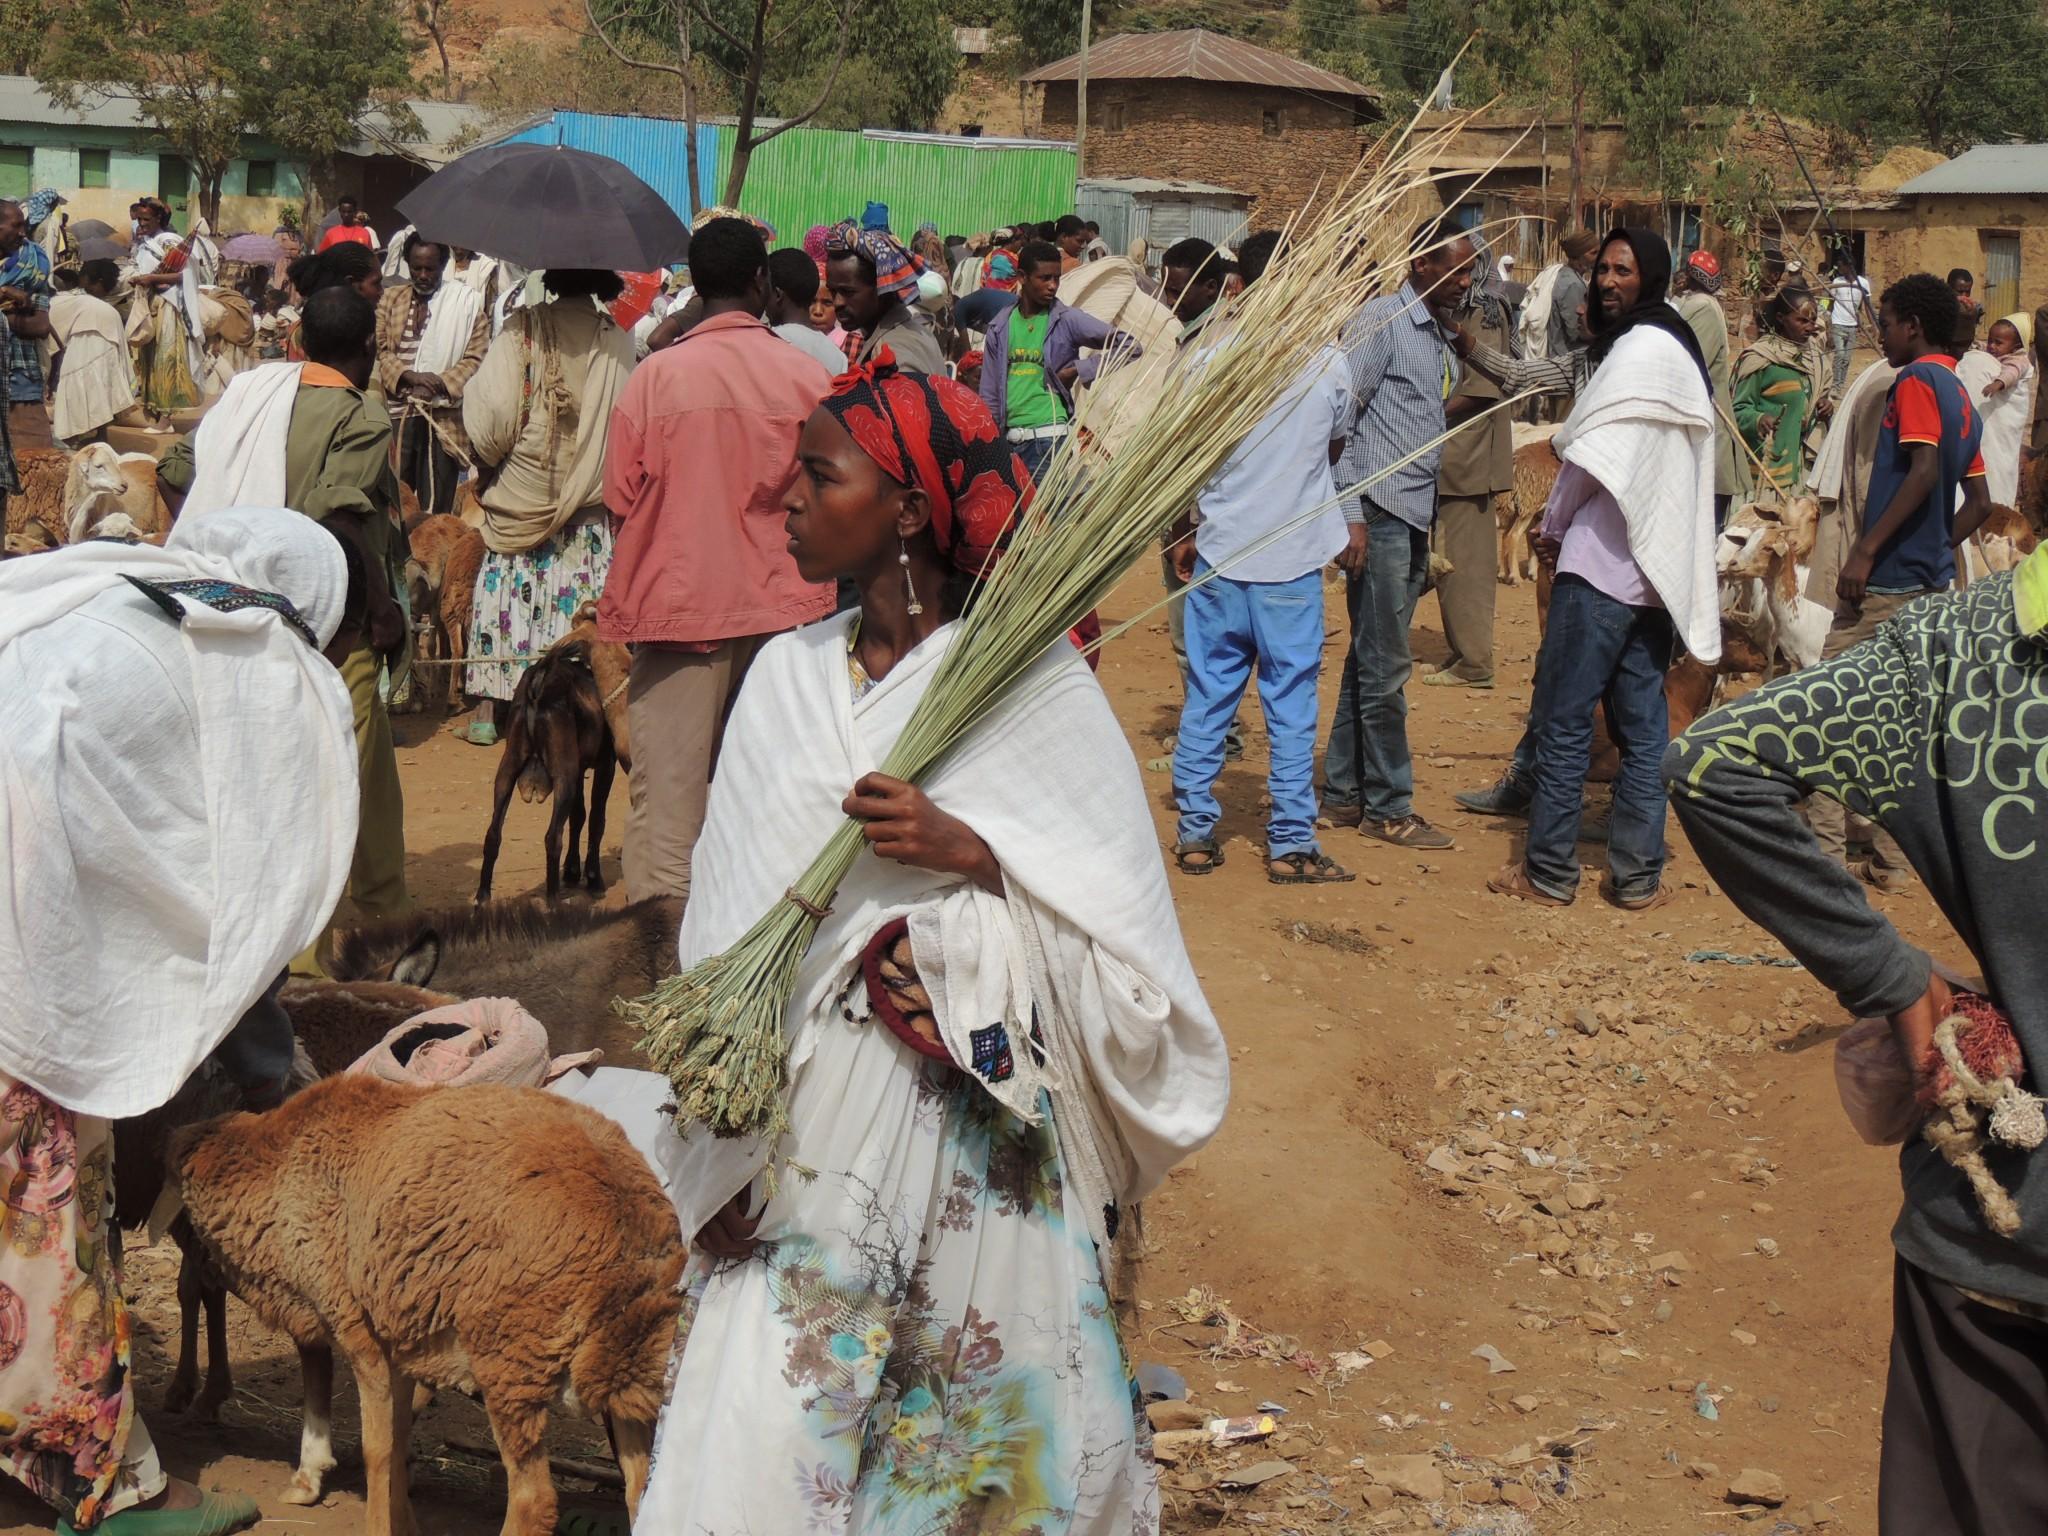 Ethiopie, lokale markt